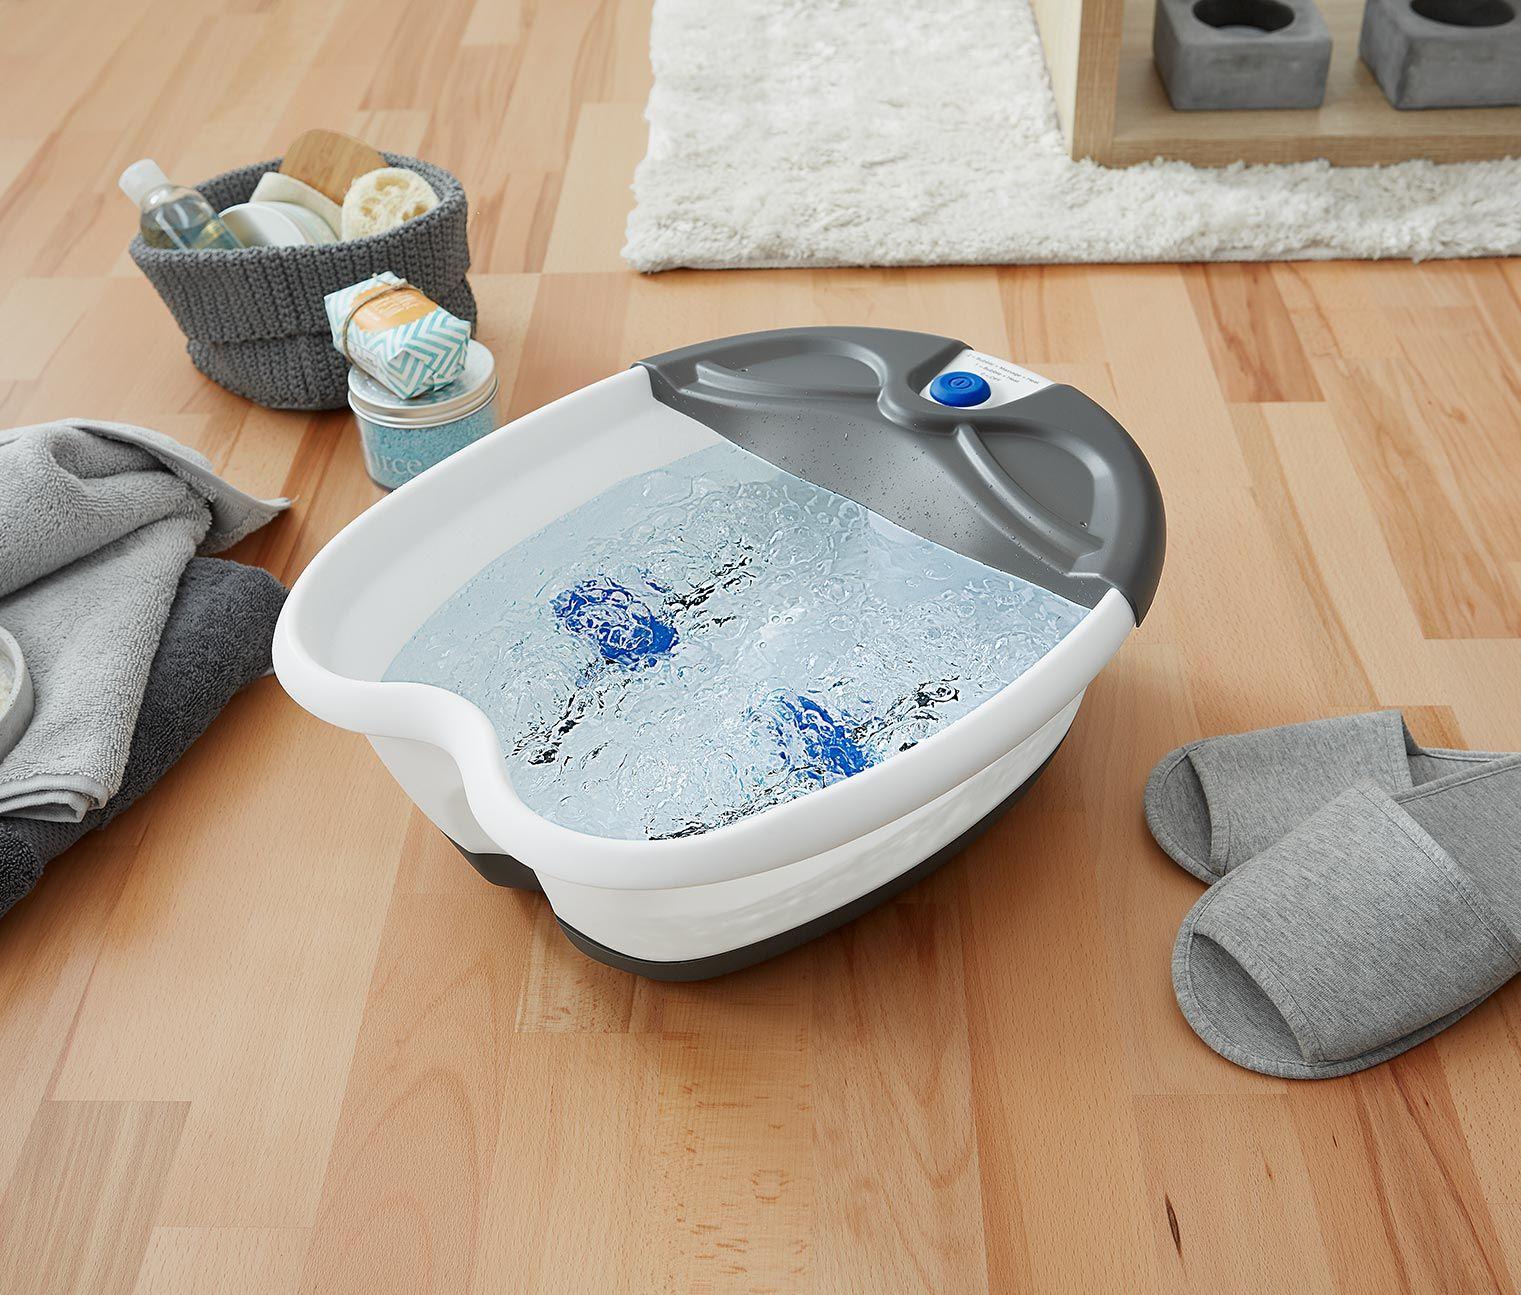 39,95 € 2 in 1: Sprudelbad und Reflexzonenmassage  Das tut müden Füßen gut! Dieses Fußbad bietet zwei wohltuende Programme, die strapazierte Füße beleben und erfrischen können.